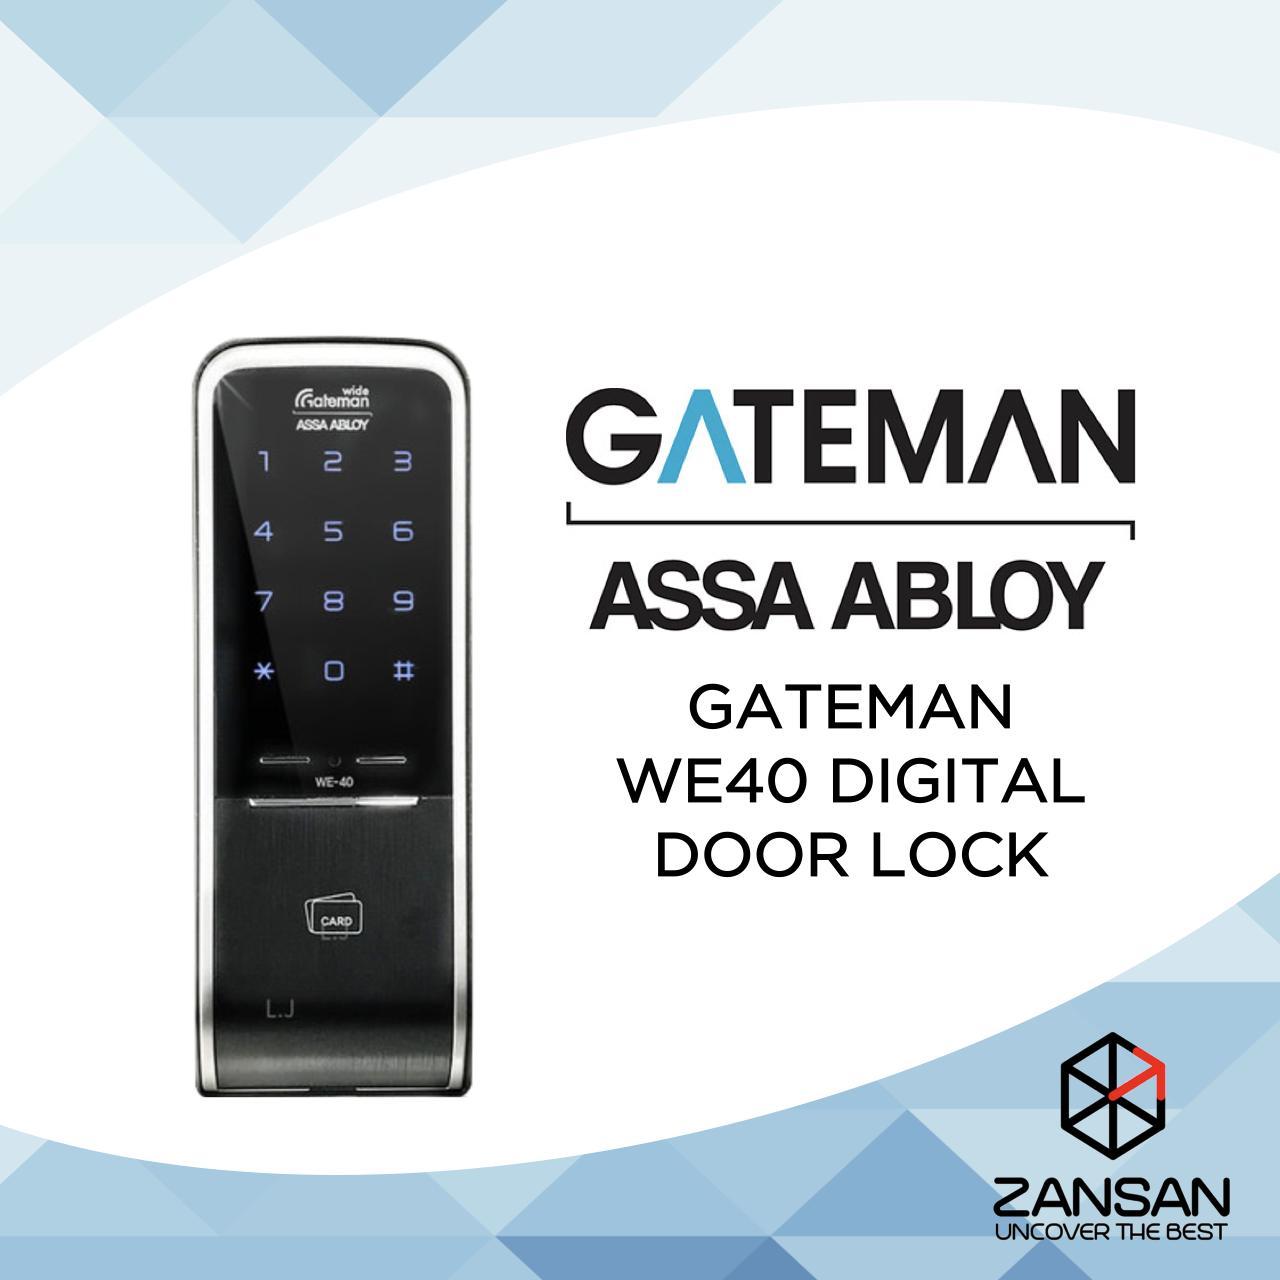 Gateman WE40 Digital Door Lock